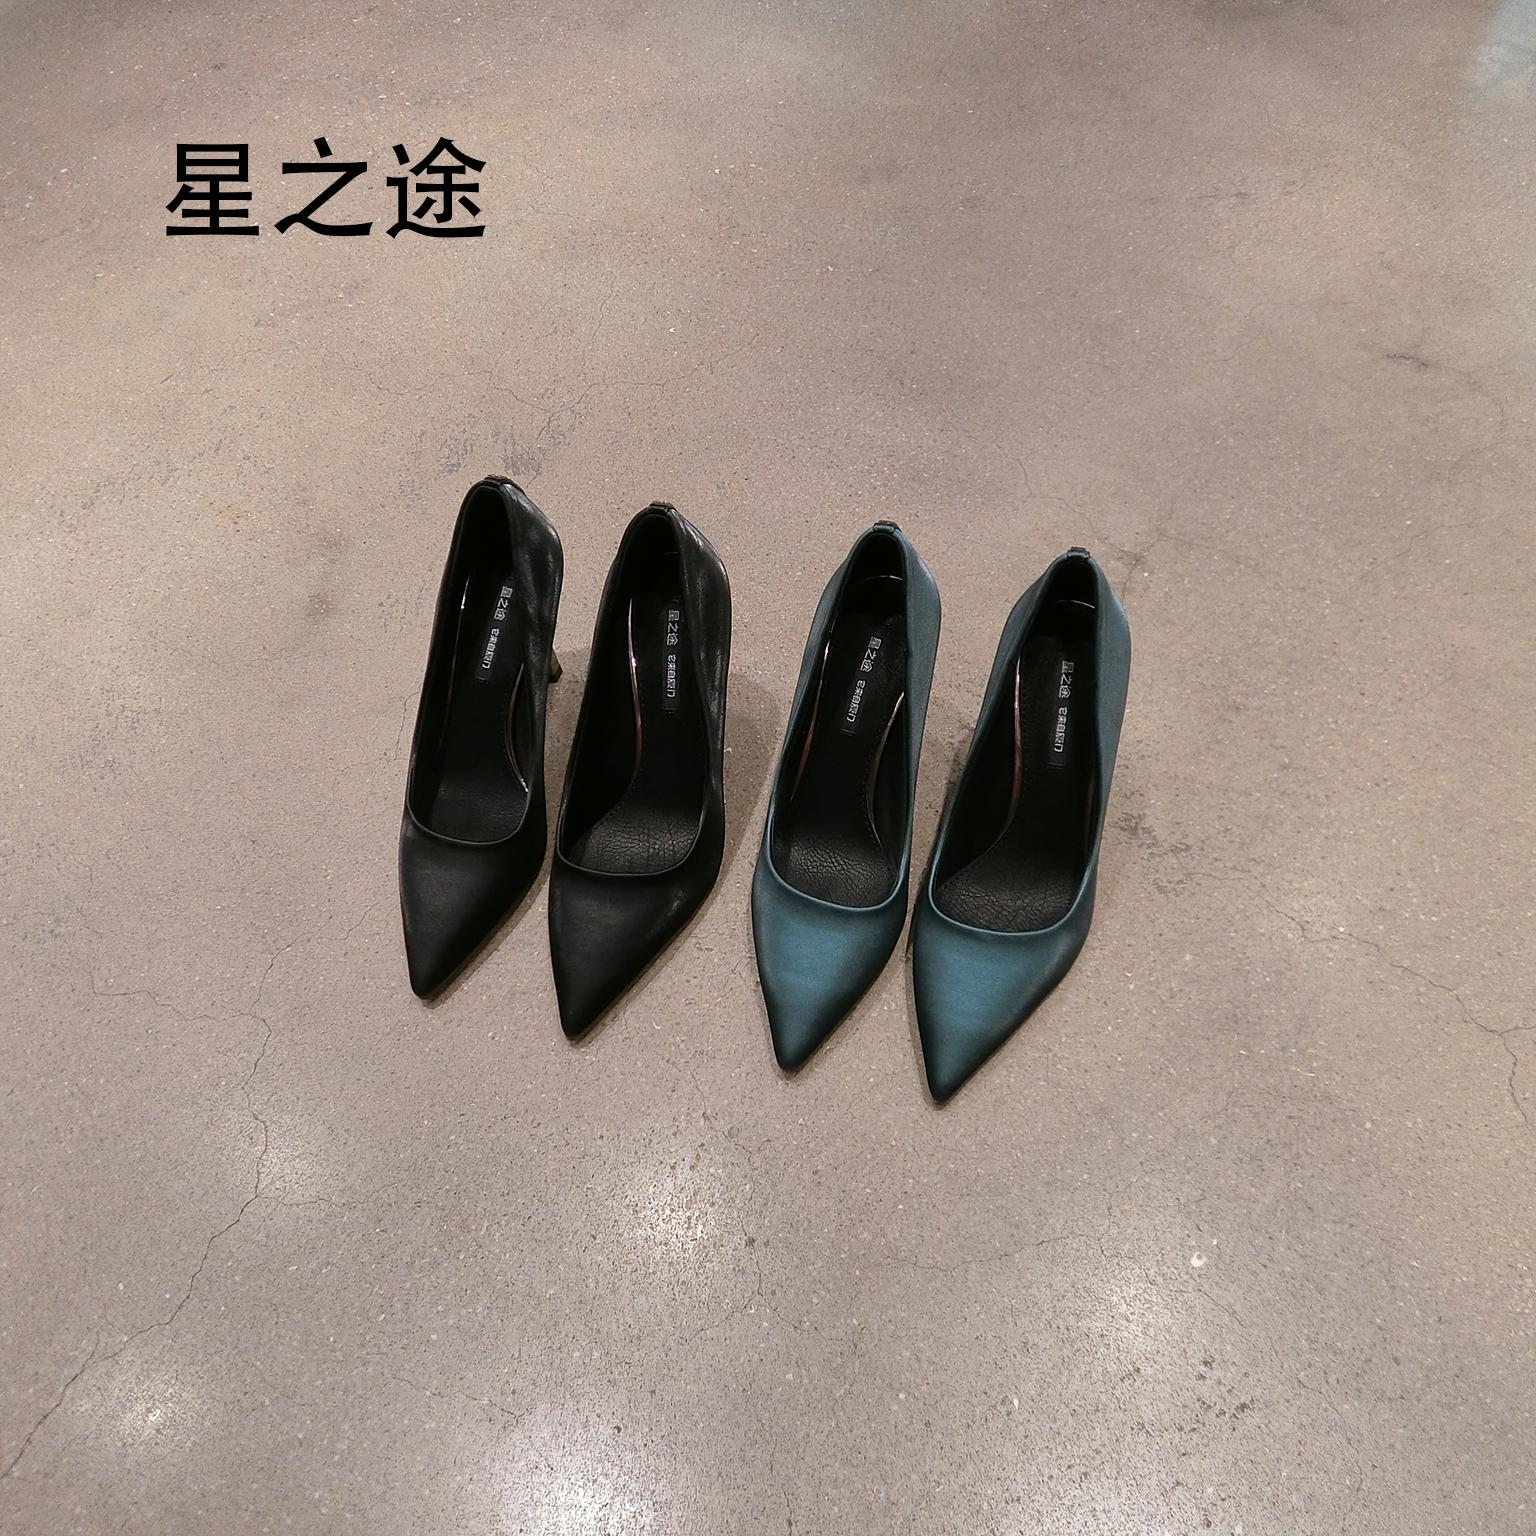 星之途秋冬尖头高跟鞋水钻装饰时尚百搭气质性感女单鞋仙女风韩版